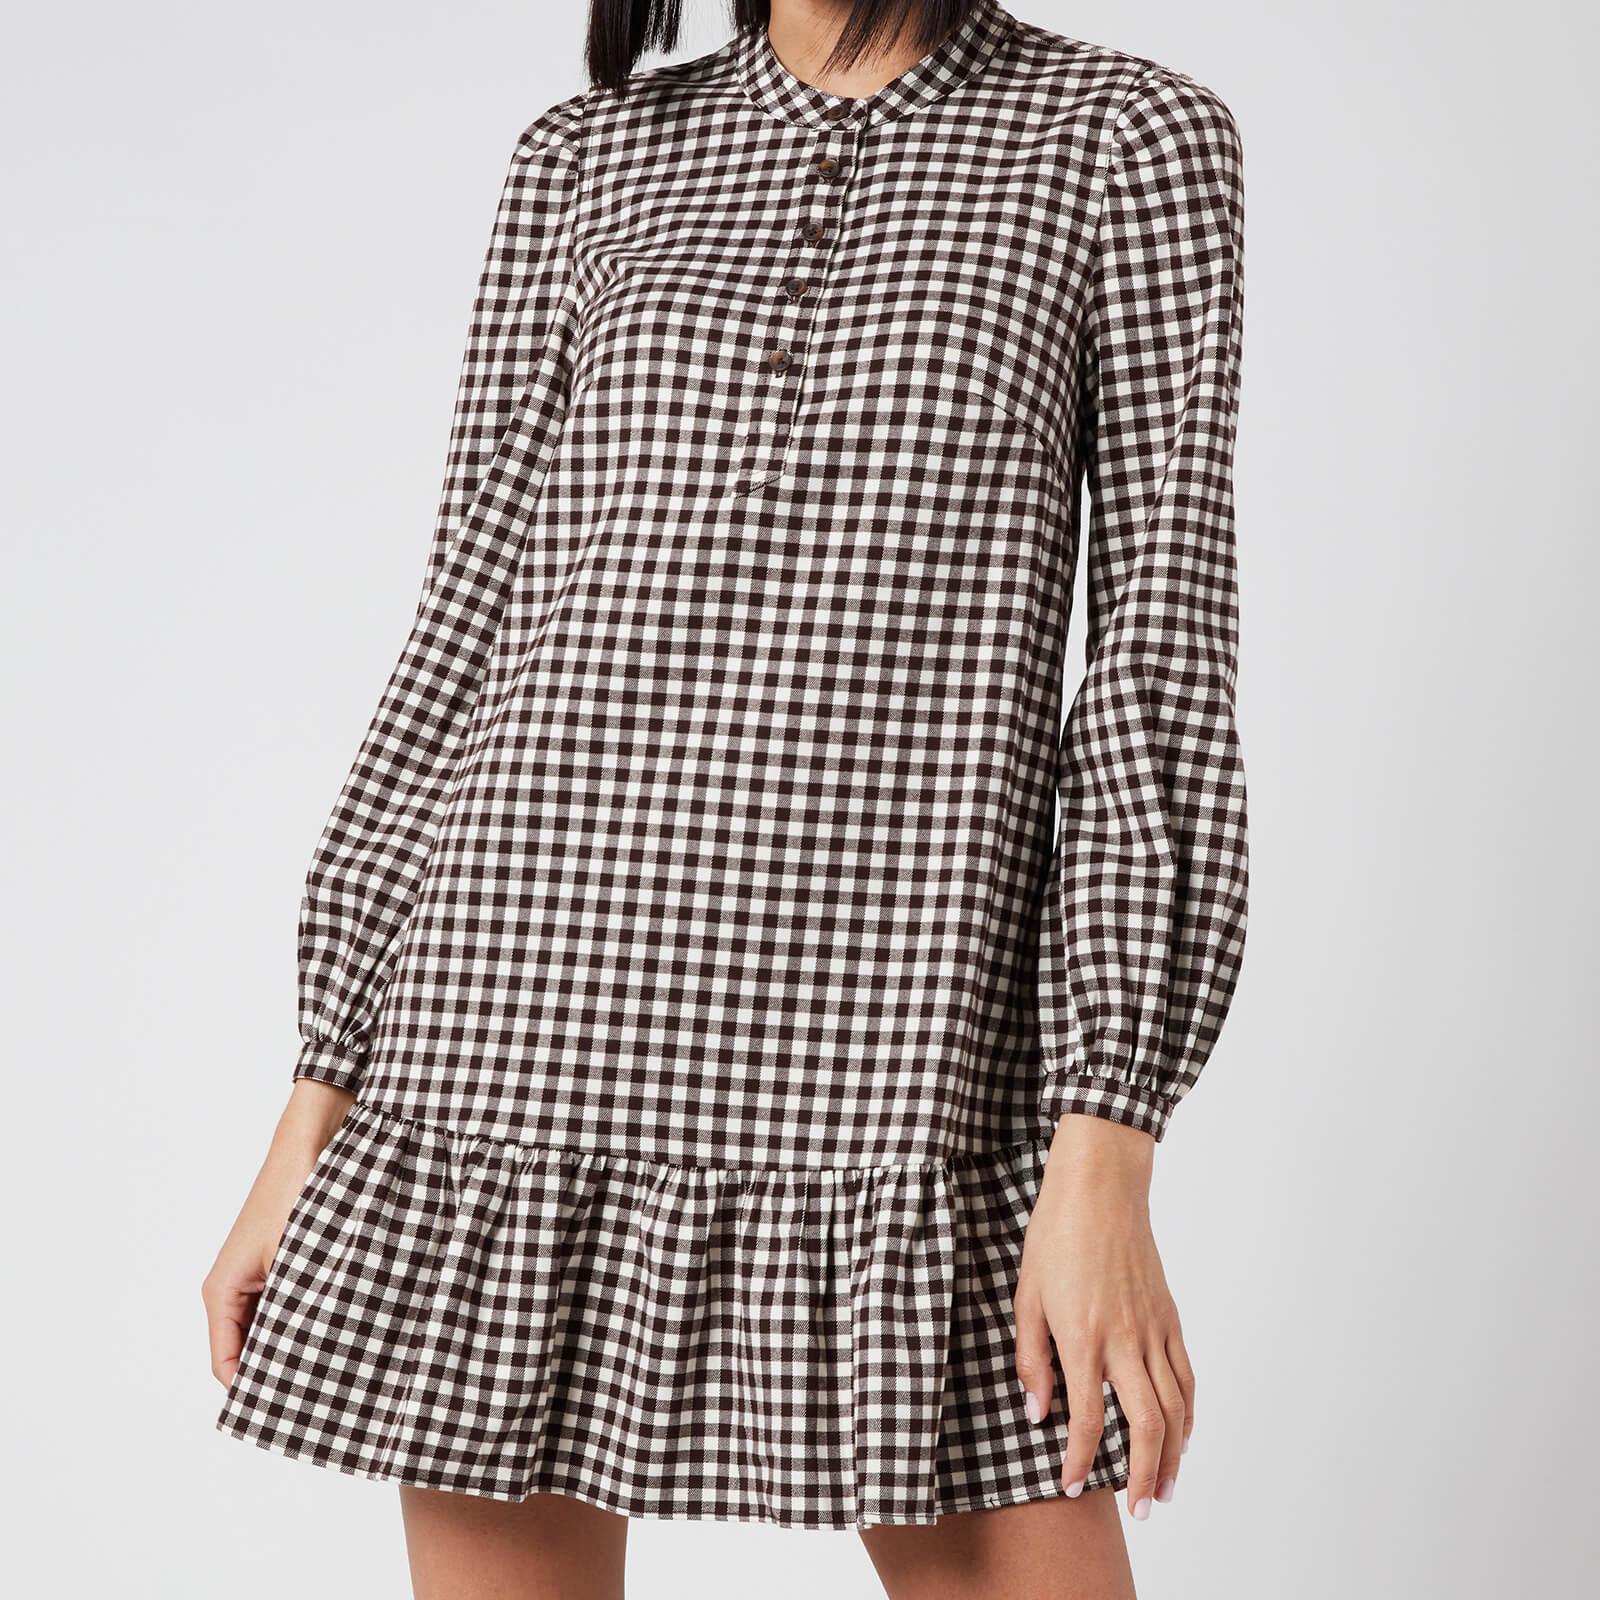 Whistles Women's Gingham Dress - Brown/Multi - UK 6